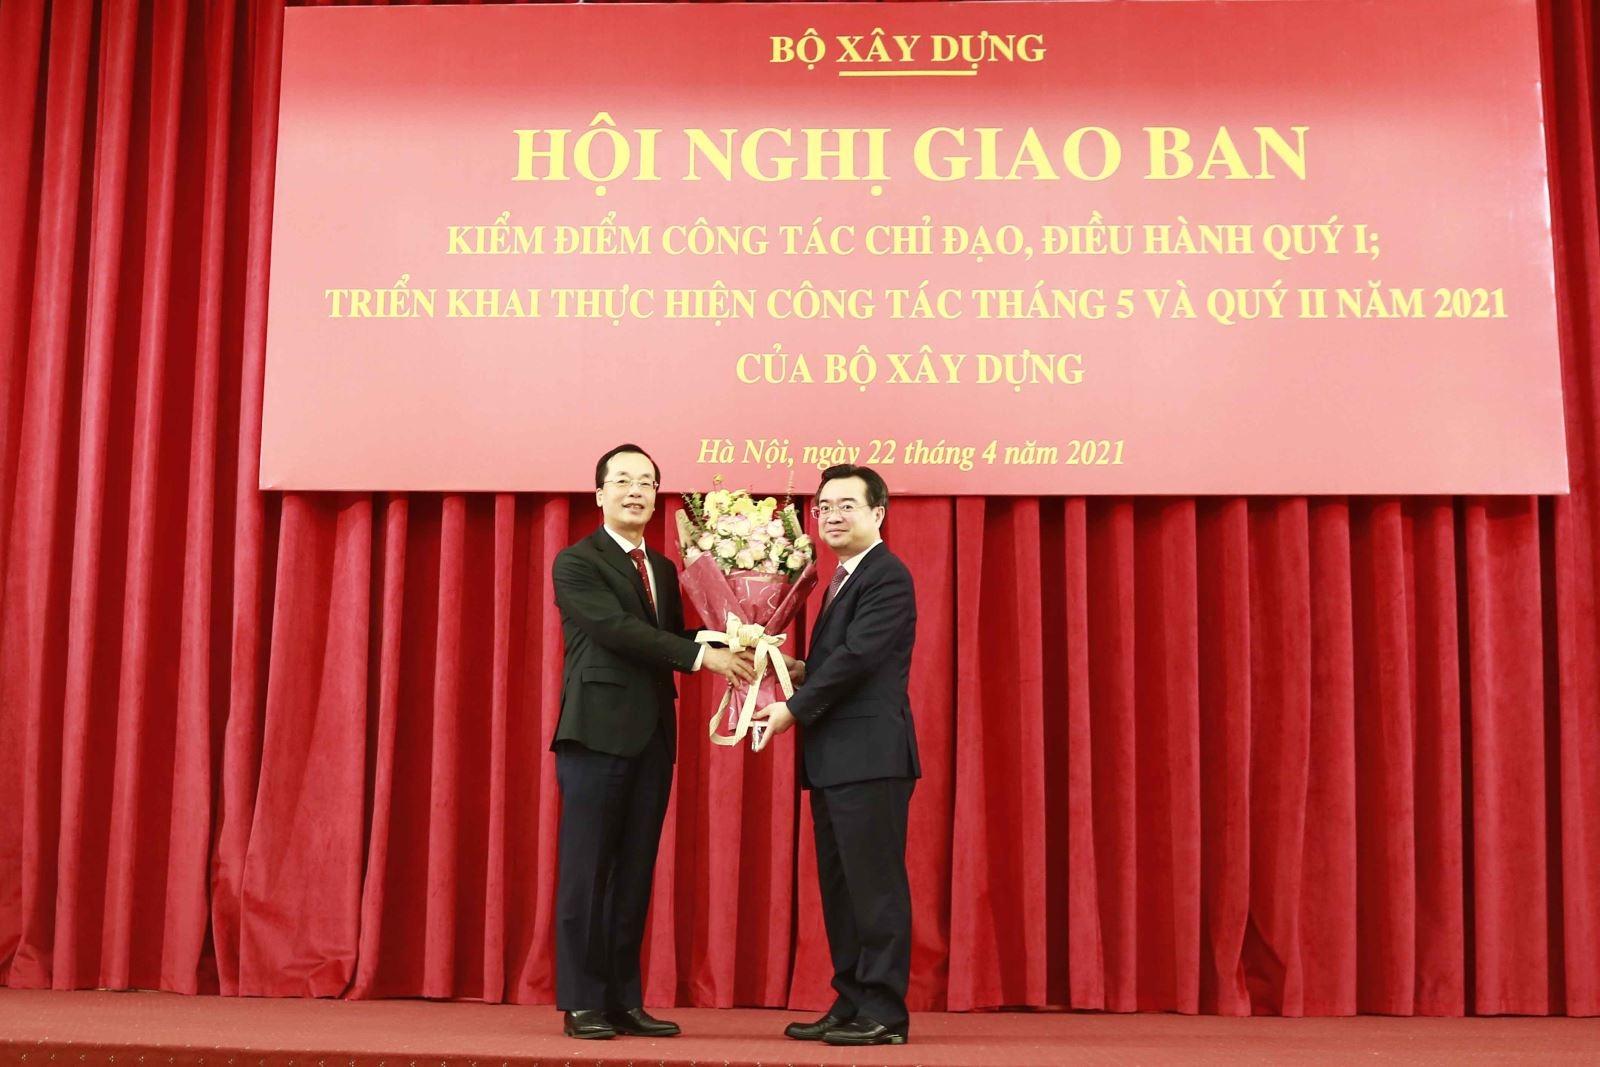 Bộ trưởng Nguyễn Thanh Nghị chủ trì Hội nghị triển khai công tác Quý II/2021 của Bộ Xây dựng